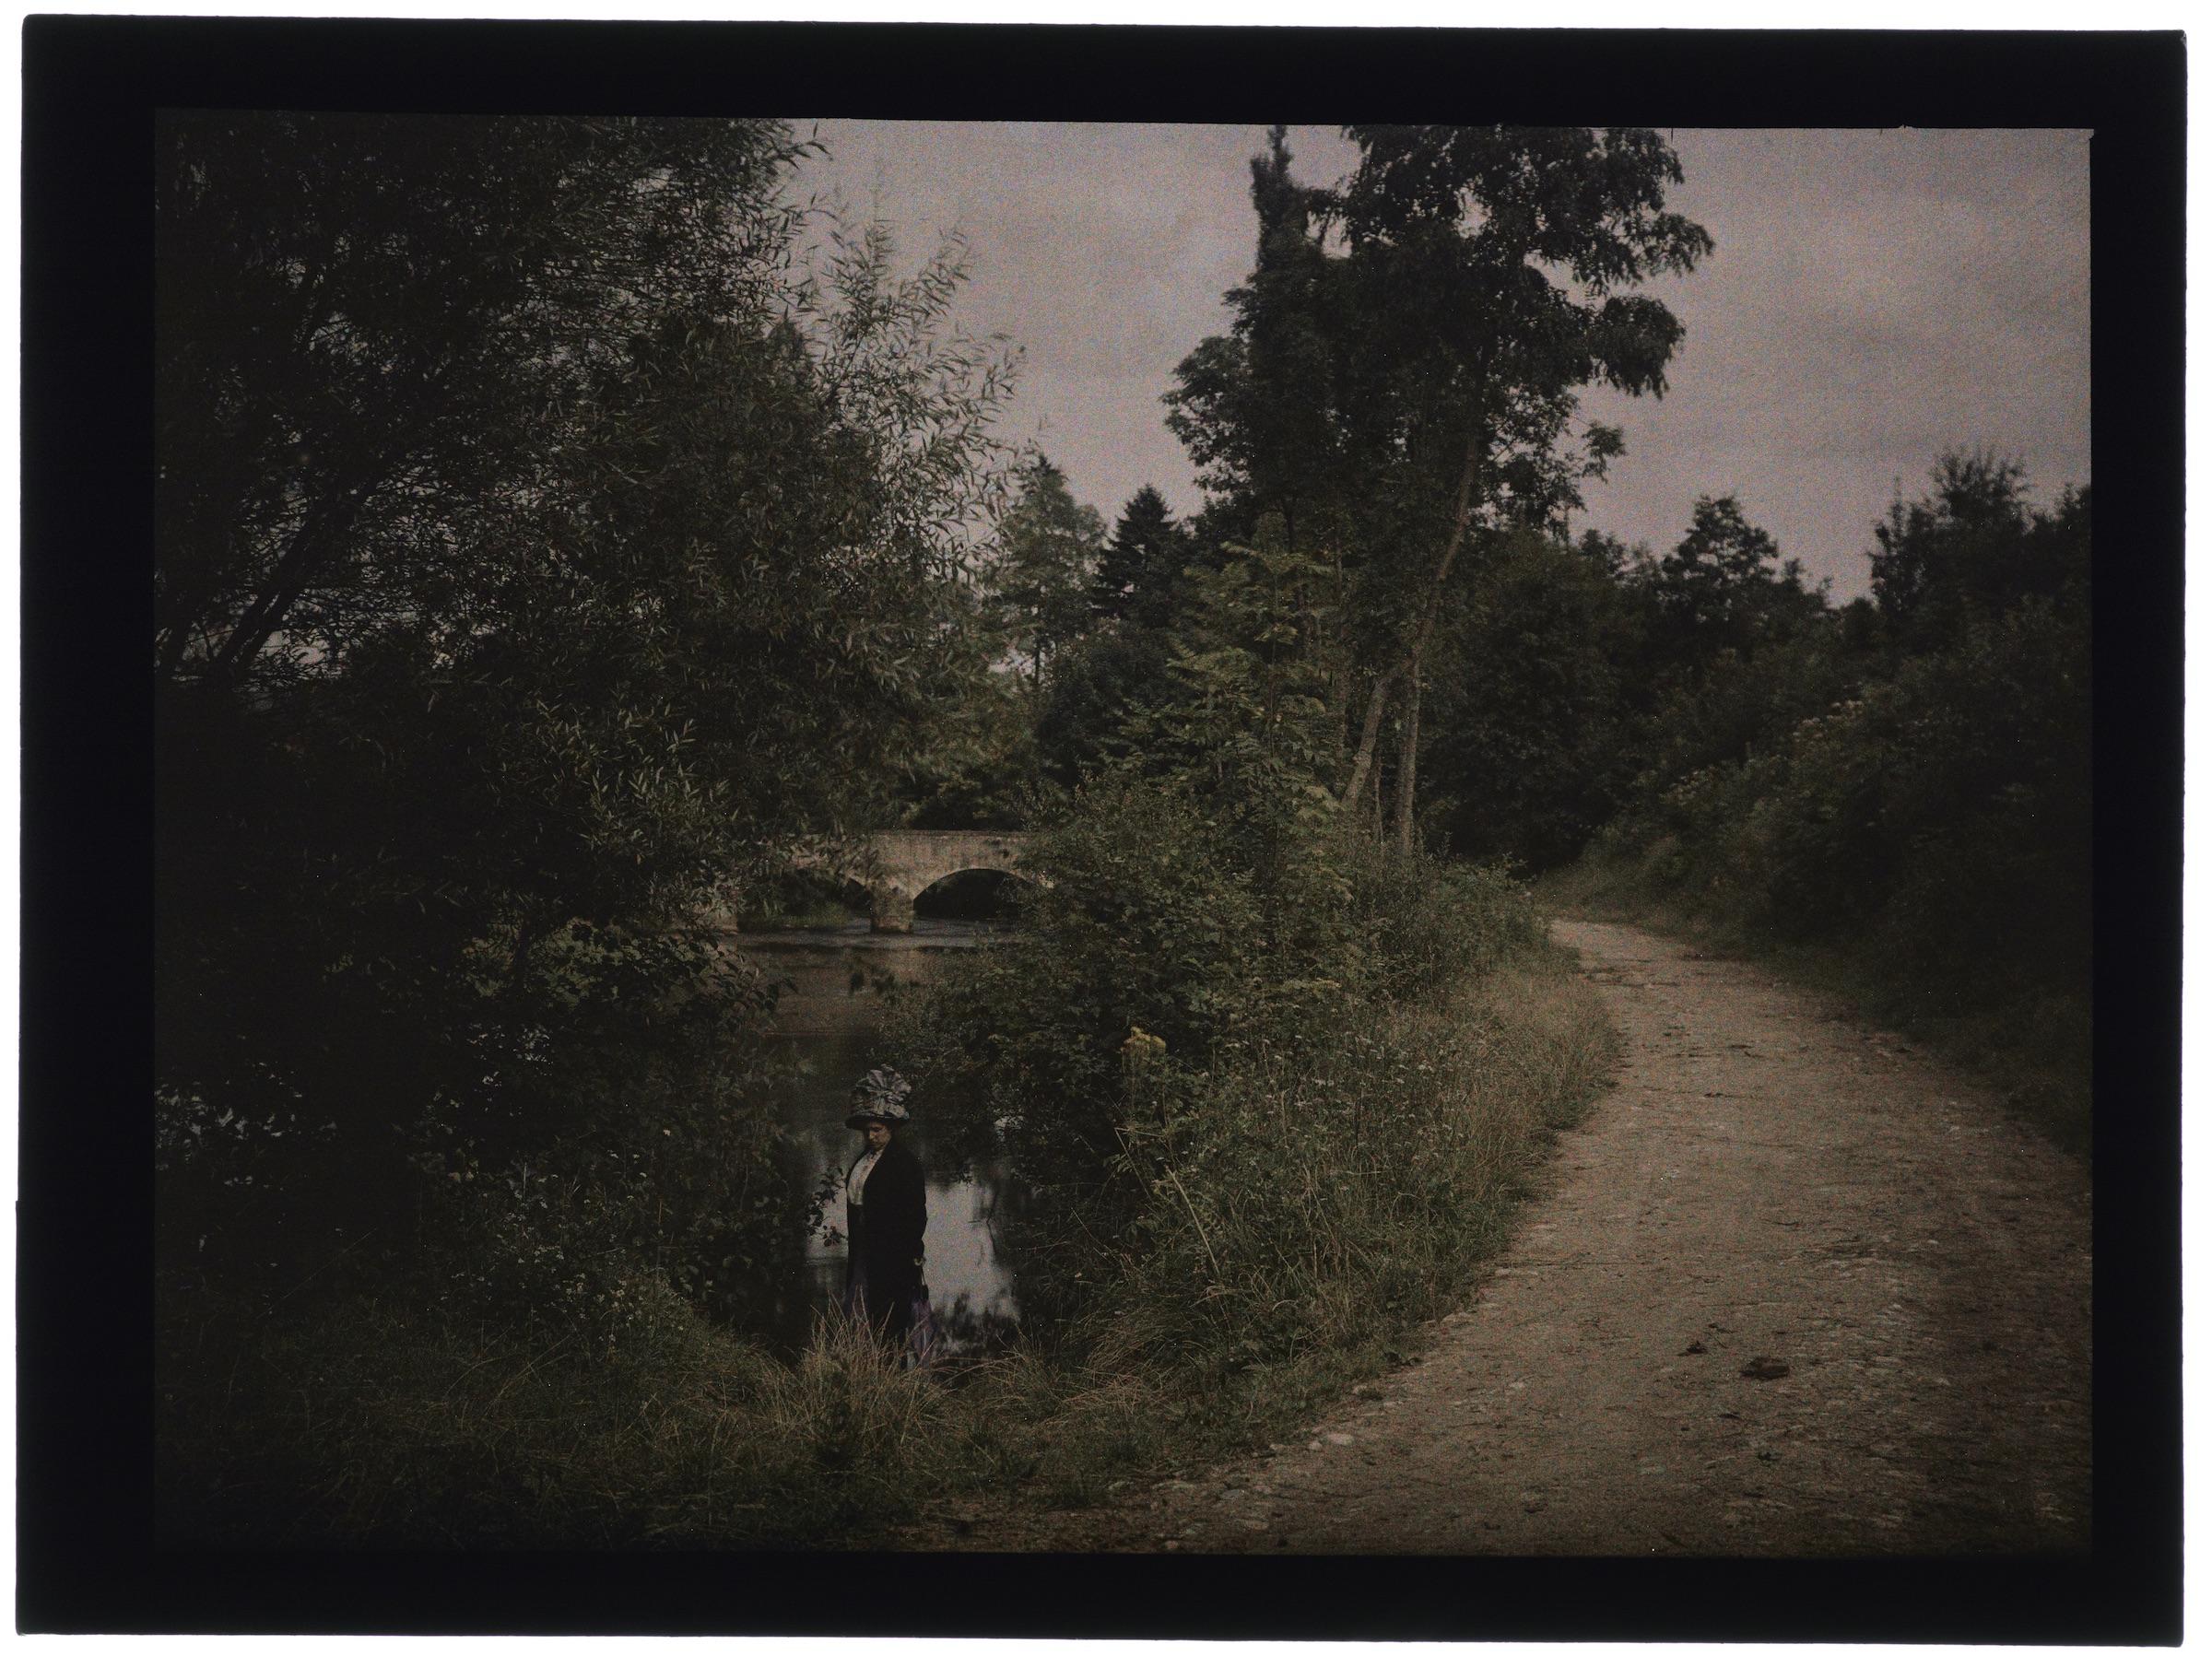 Une ou deux femmes avec le village en arrière plan ou un pont